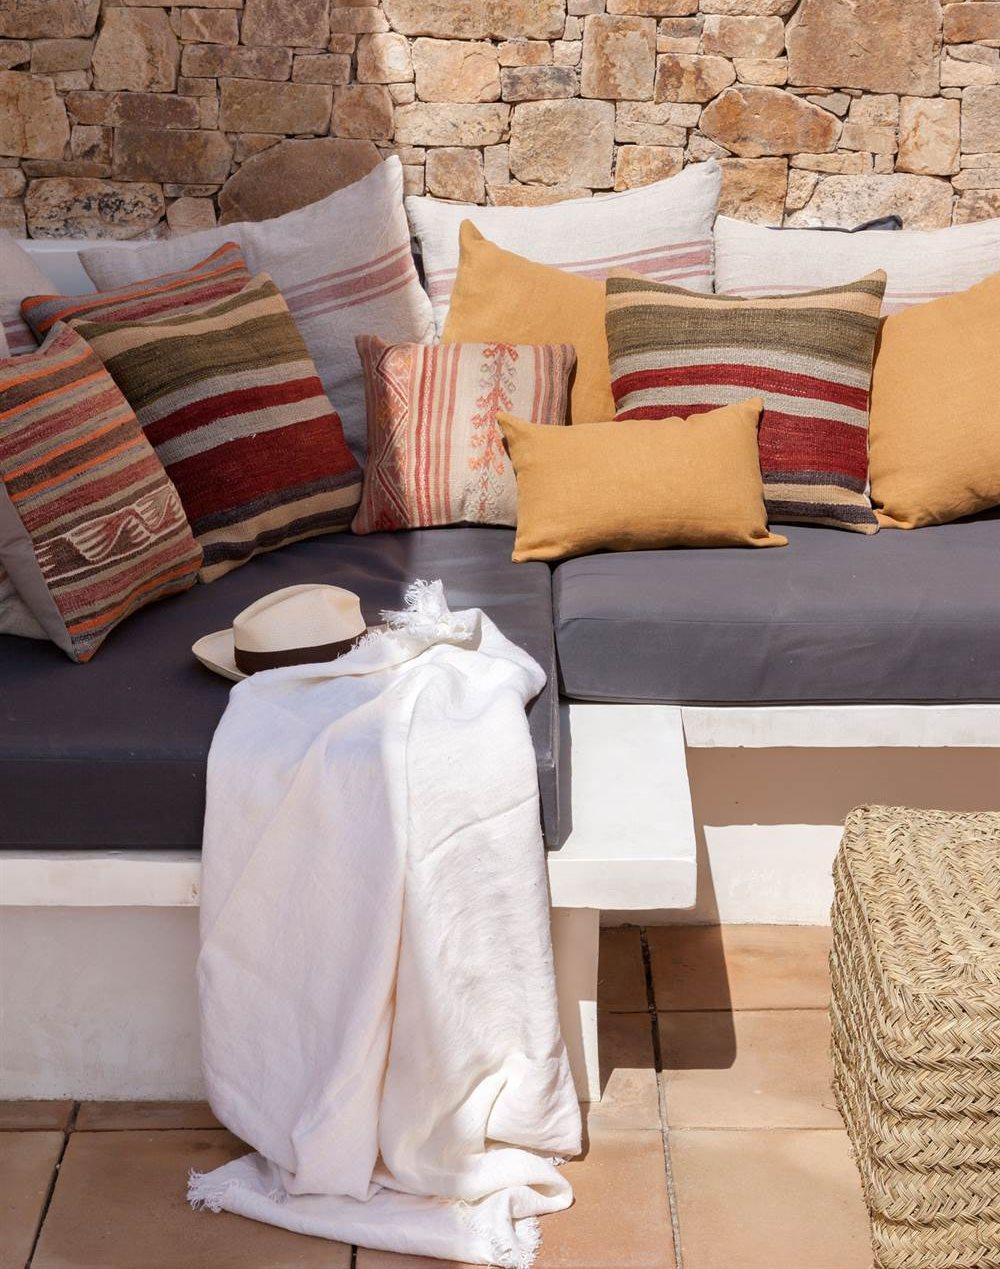 Terraza renovada y decorada con telas - Cojines para terrazas ...